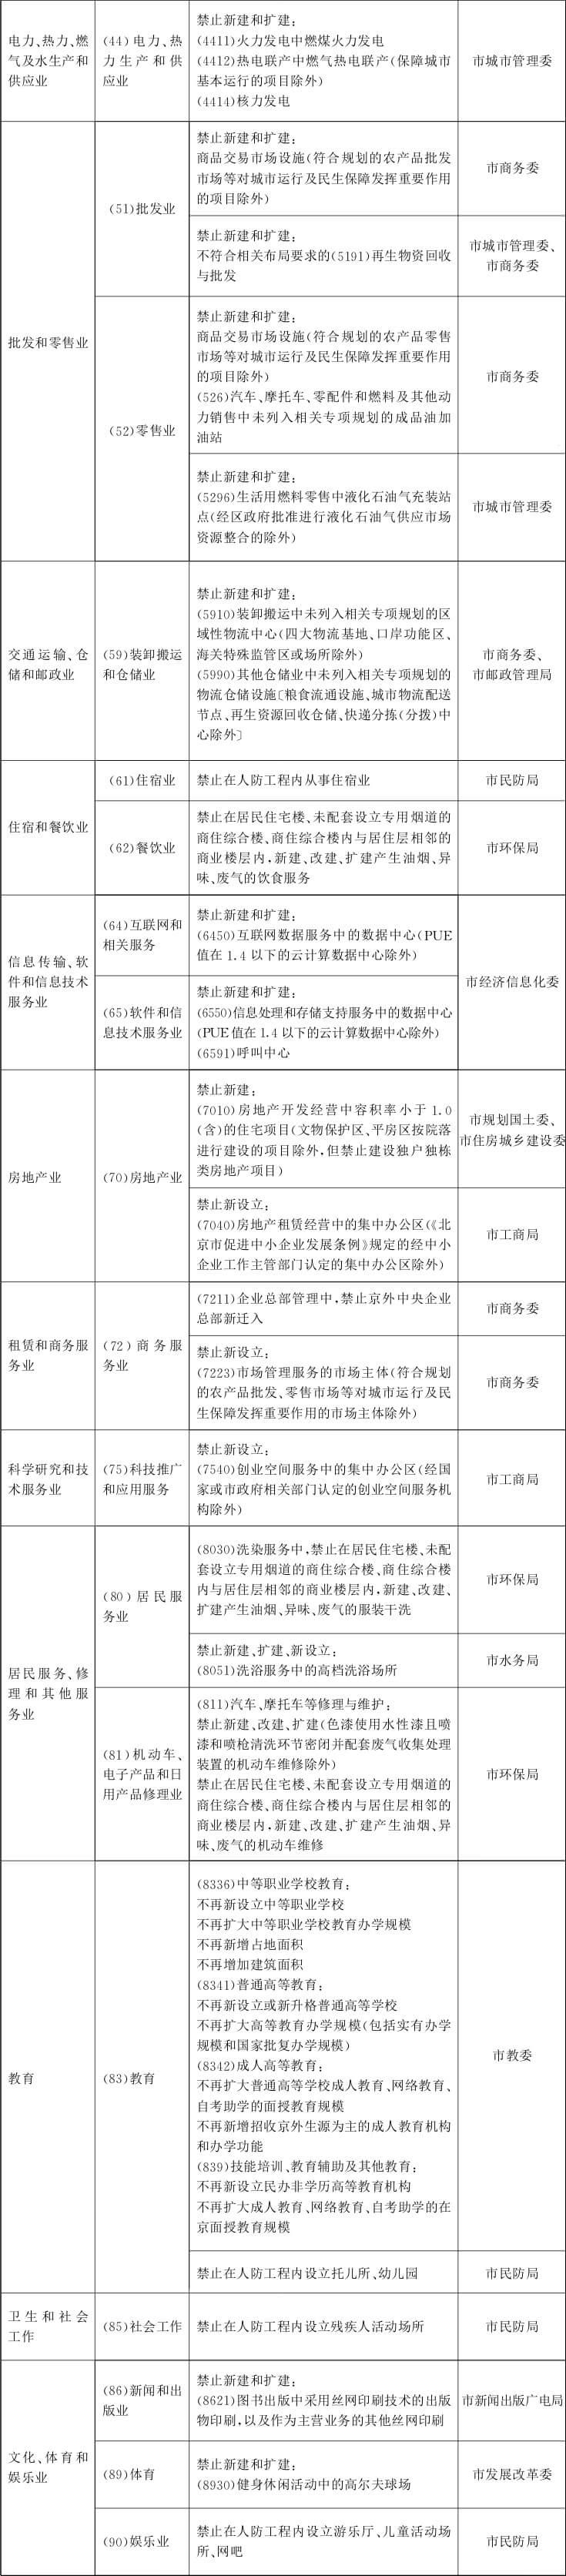 北京城市副中心禁止新扩建风力发电项目